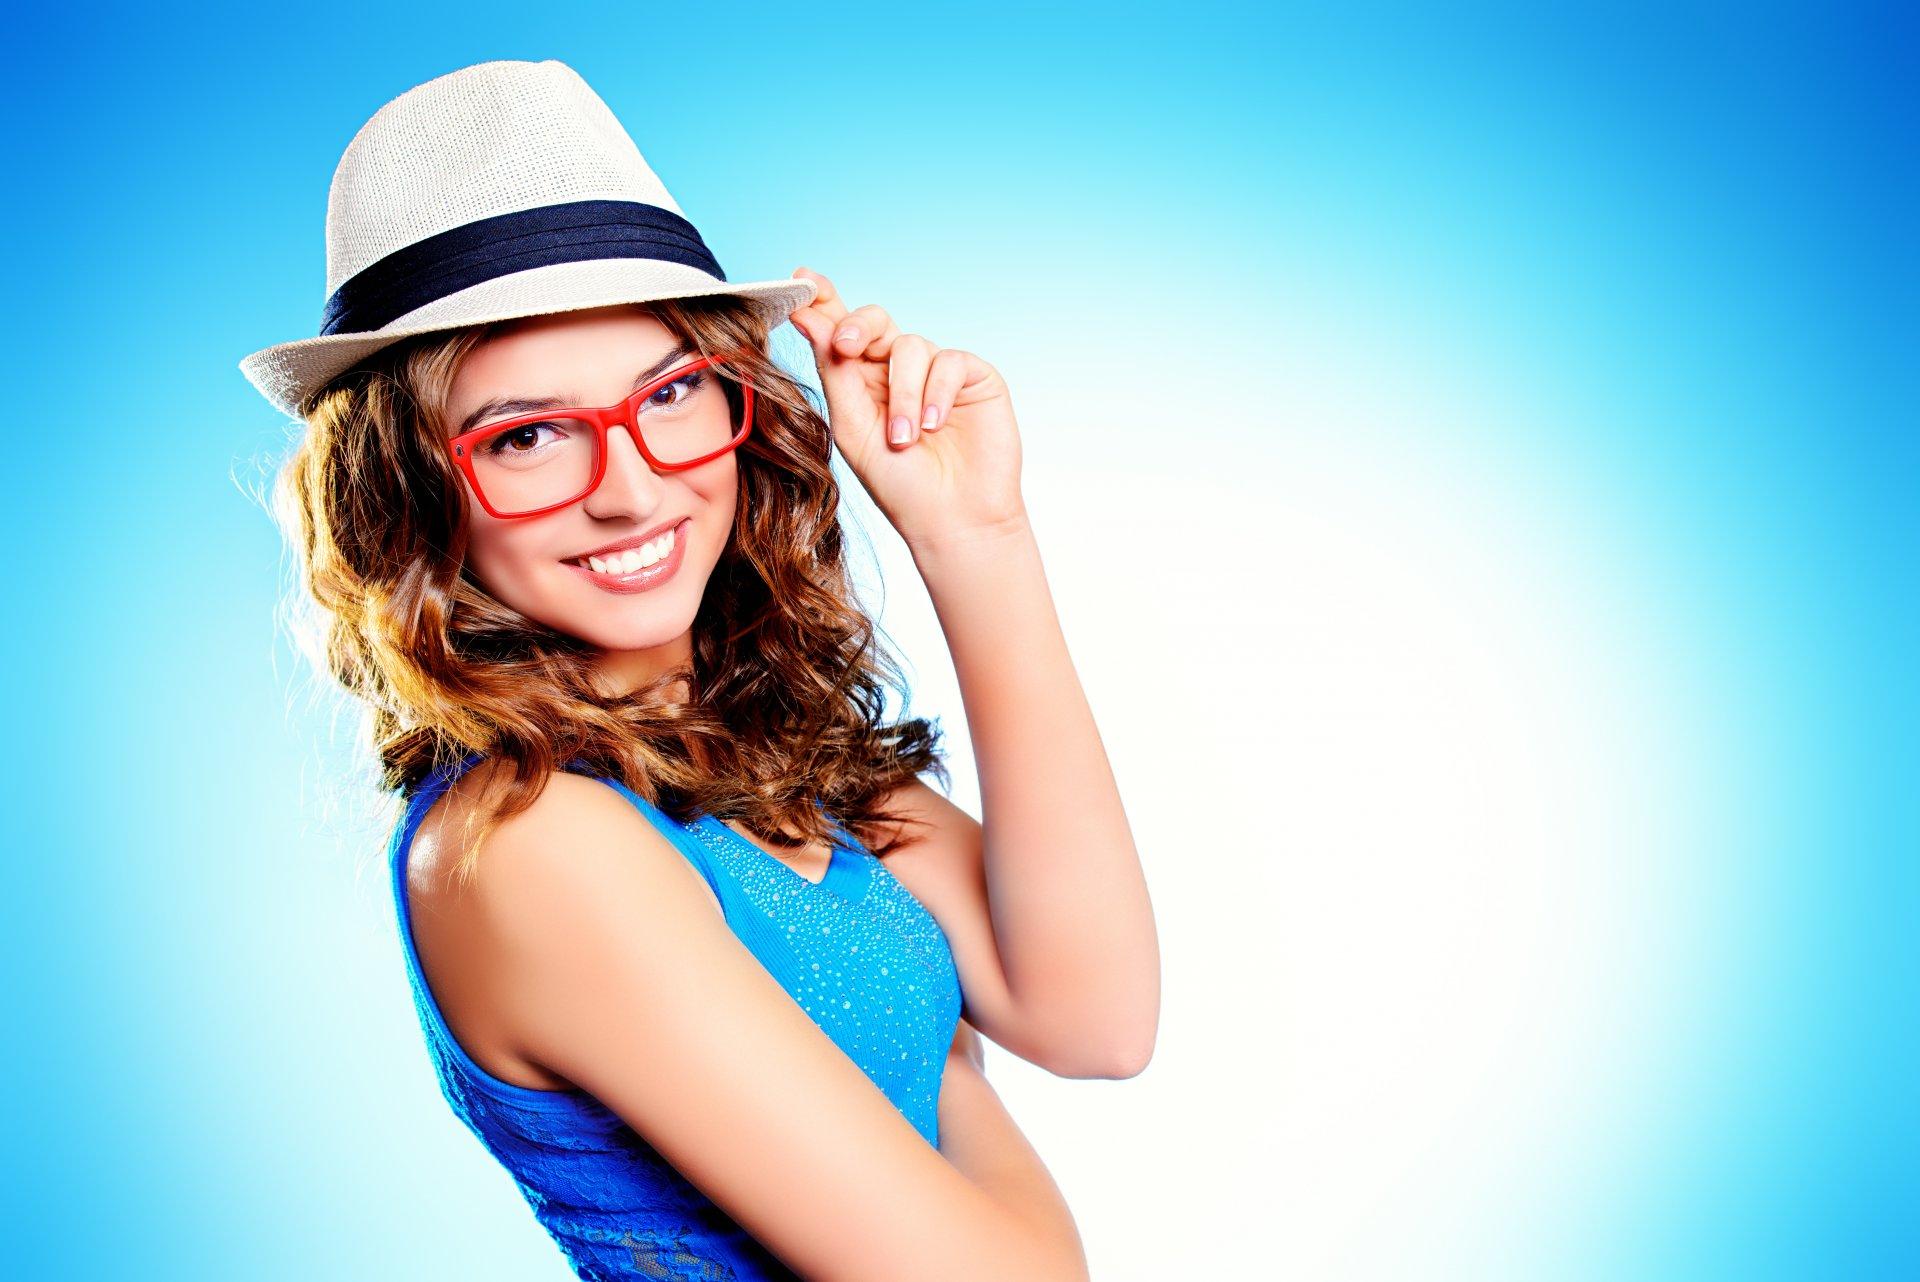 Обои шляпа, девушка, улыбка. Разное foto 9